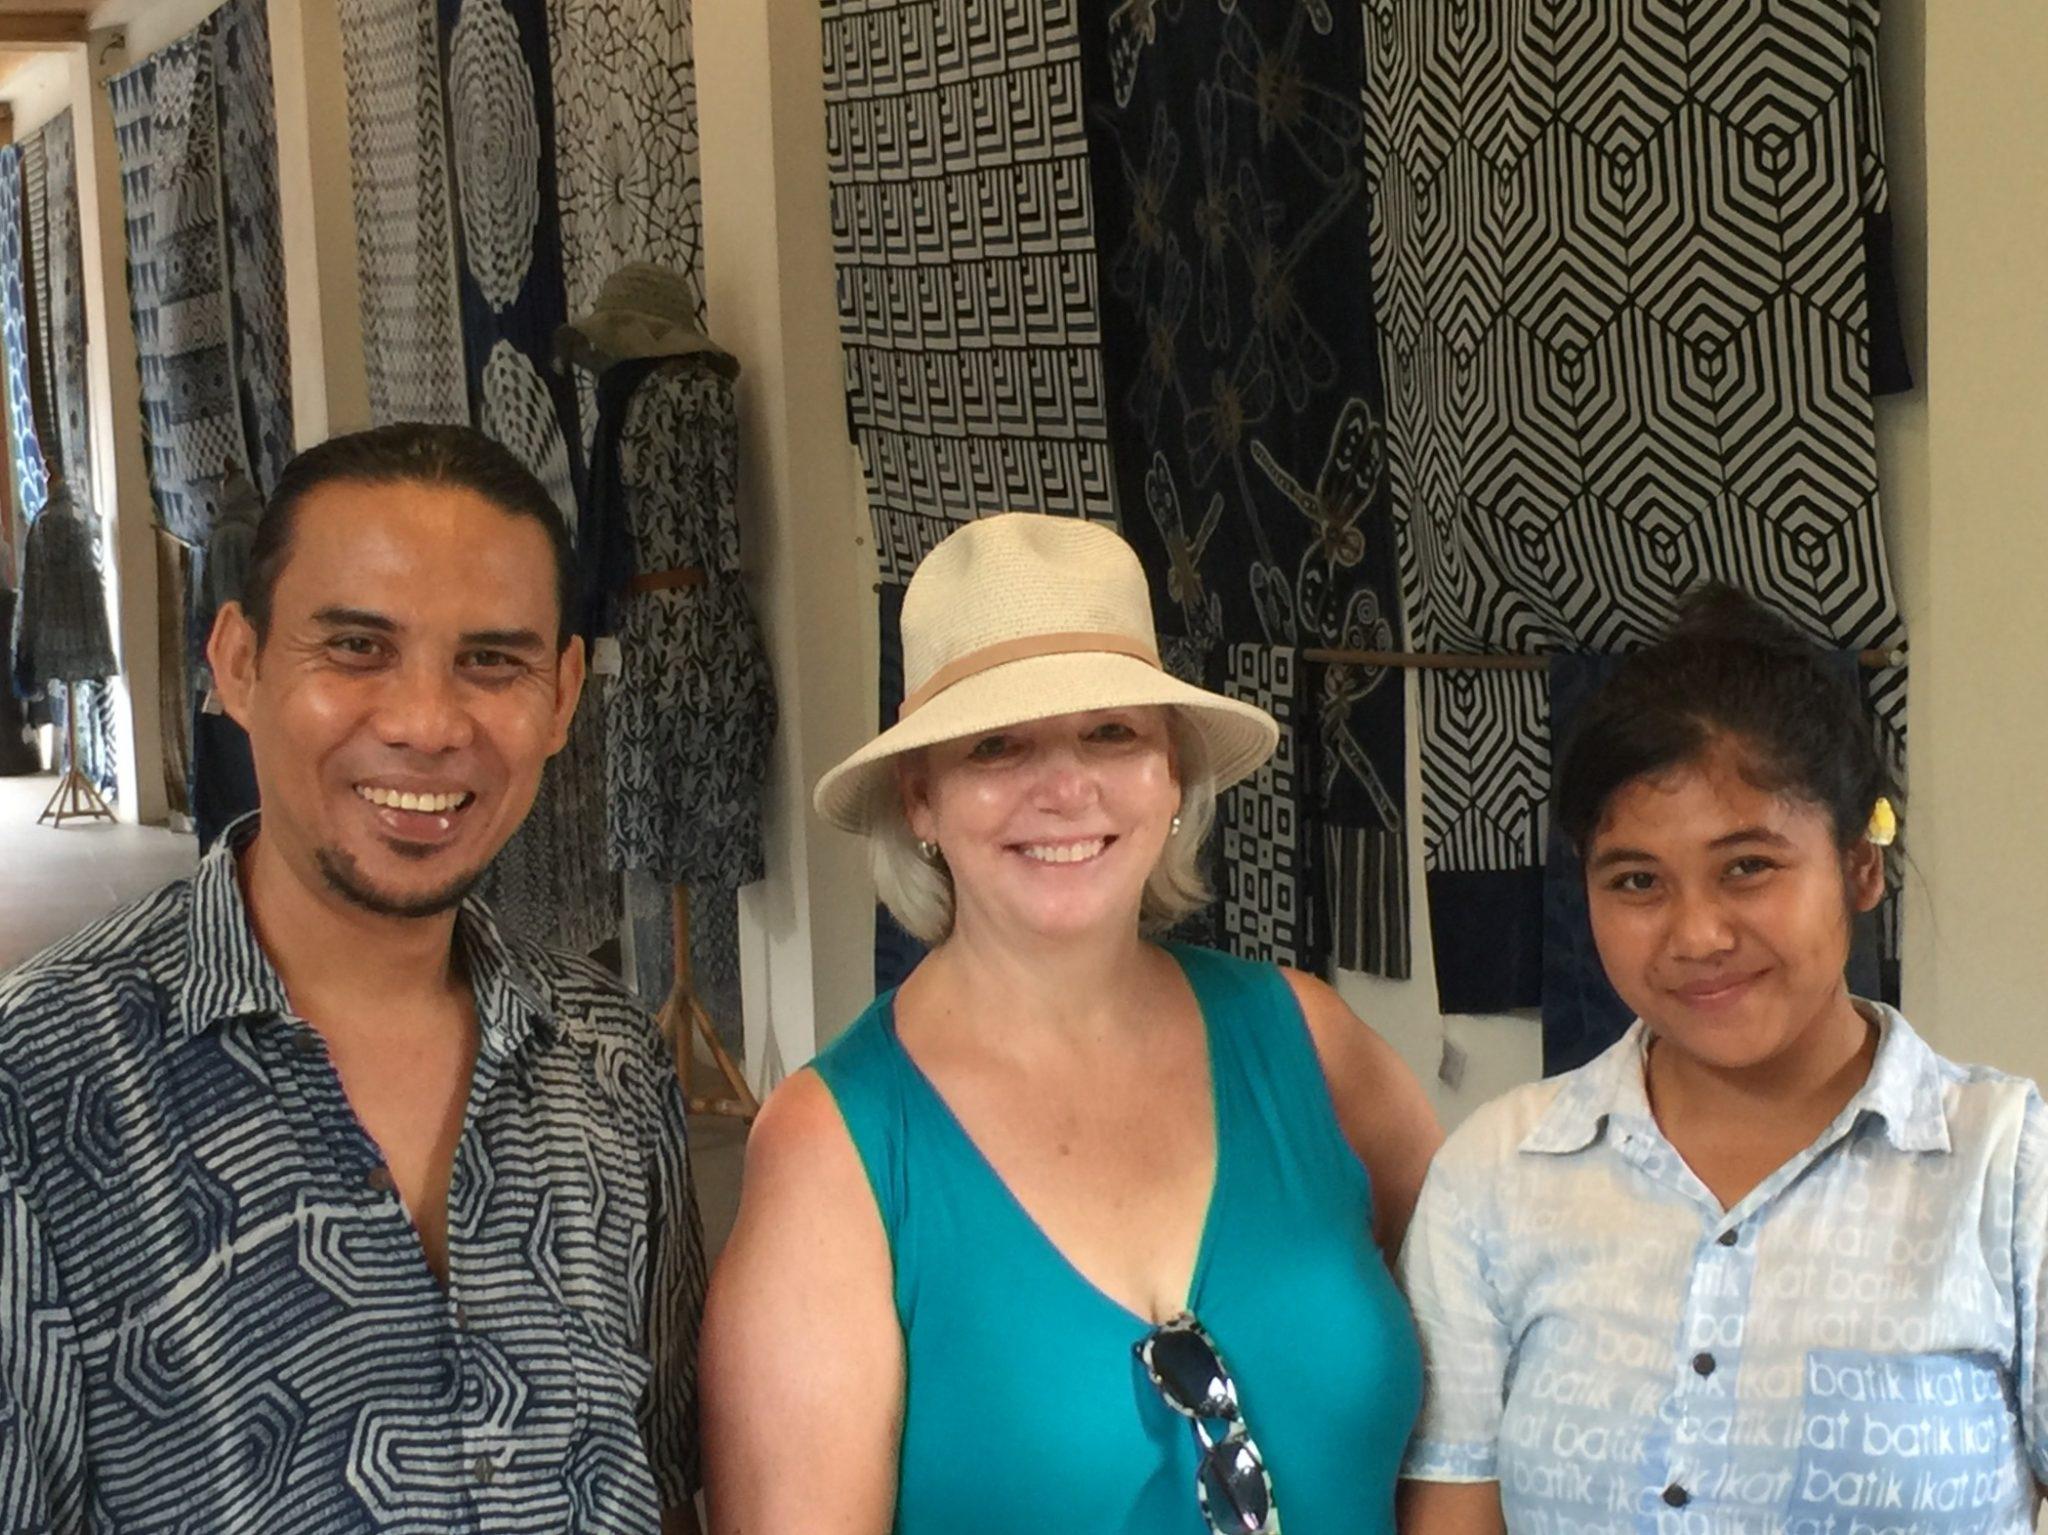 Ikat Batik Store Owner